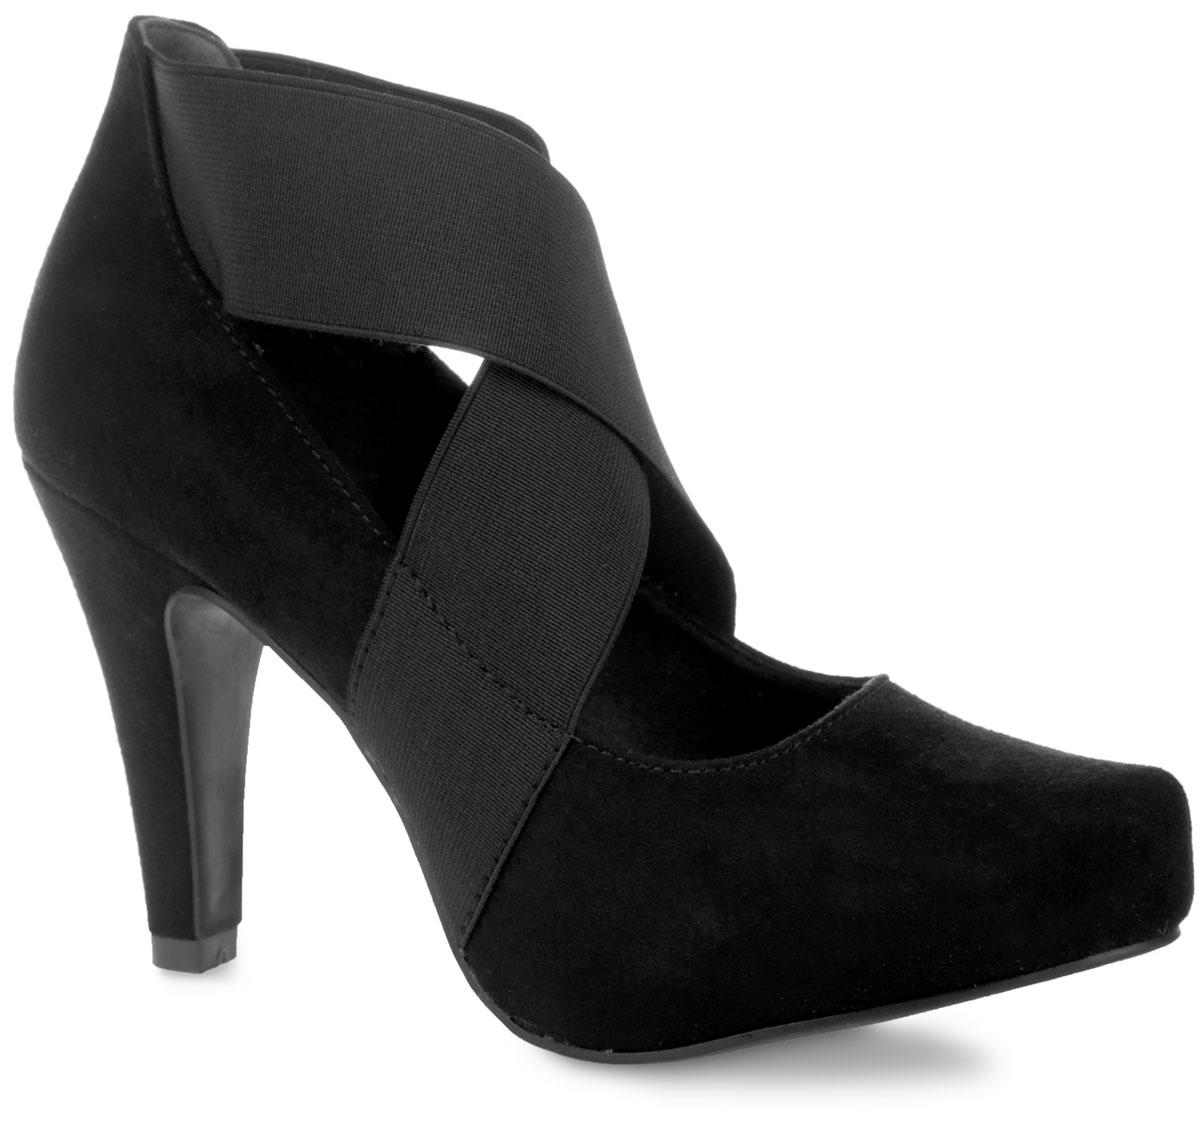 Туфли женские. 2-2-24404-25-0012-2-24404-25-001Оригинальные женские туфли от Marco Tozzi поразят вас своим дизайном! Модель выполнена из искусственной замши. Верхняя часть изделия декорирована эластичными вставками, которые зафиксируют обувь на ноге. Зауженный носок добавит женственности в ваш образ. Подкладка - из текстиля, и стелька - их искусственной кожи, обеспечат максимальный комфорт при ходьбе. Высокий конусовидный каблук компенсирован скрытой платформой. Подошва с рифленым протектором не скользит. Изысканные туфли добавят в ваш образ немного шарма и подчеркнут ваш безупречный вкус.